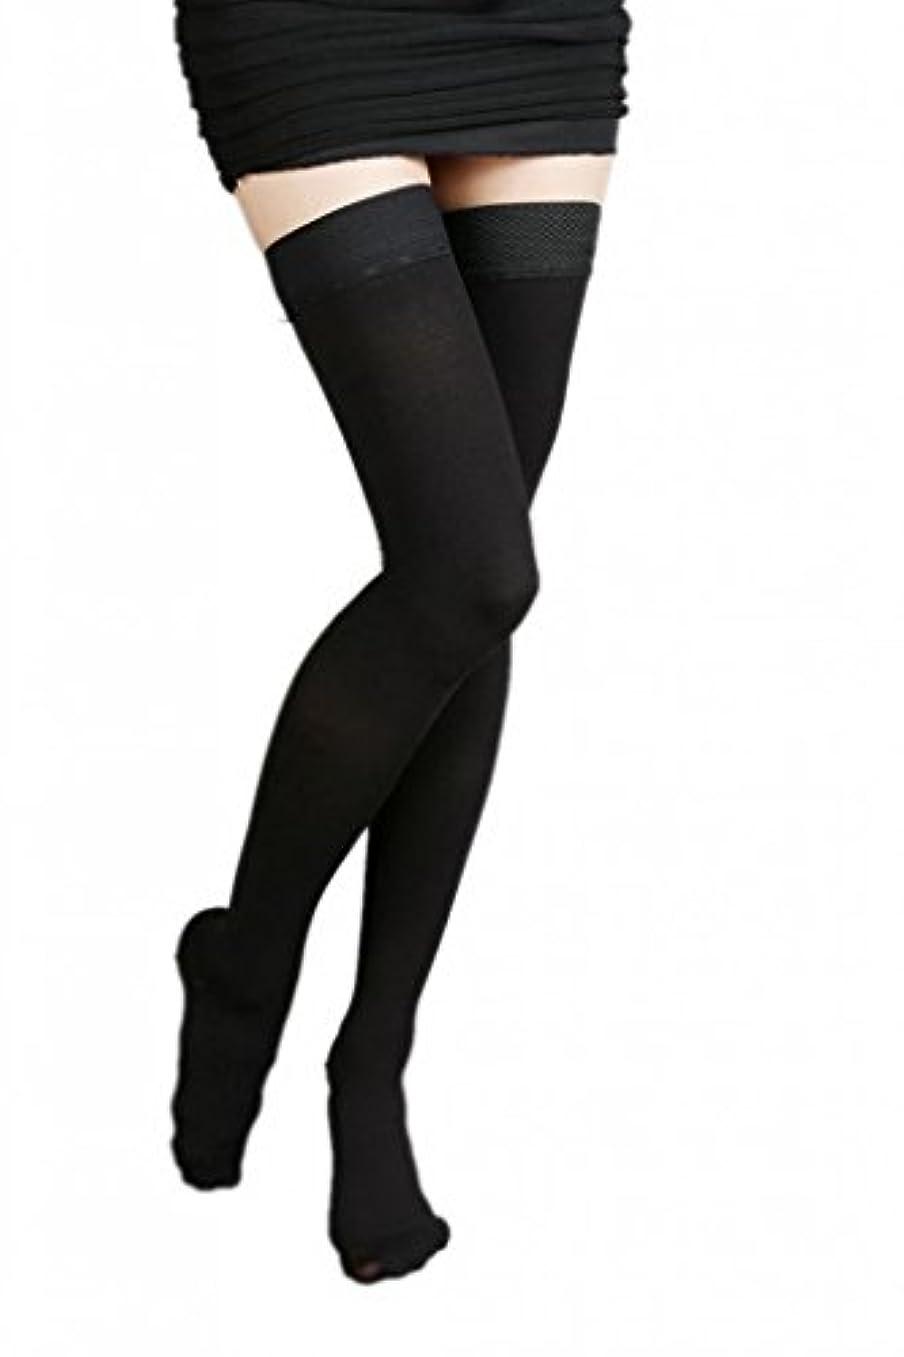 雇用藤色アクロバット(ラボーグ)La Vogue 美脚 着圧オーバーニーソックス ハイソックス 靴下 弾性ストッキング つま先あり着圧ソックス M 1級低圧 黒色